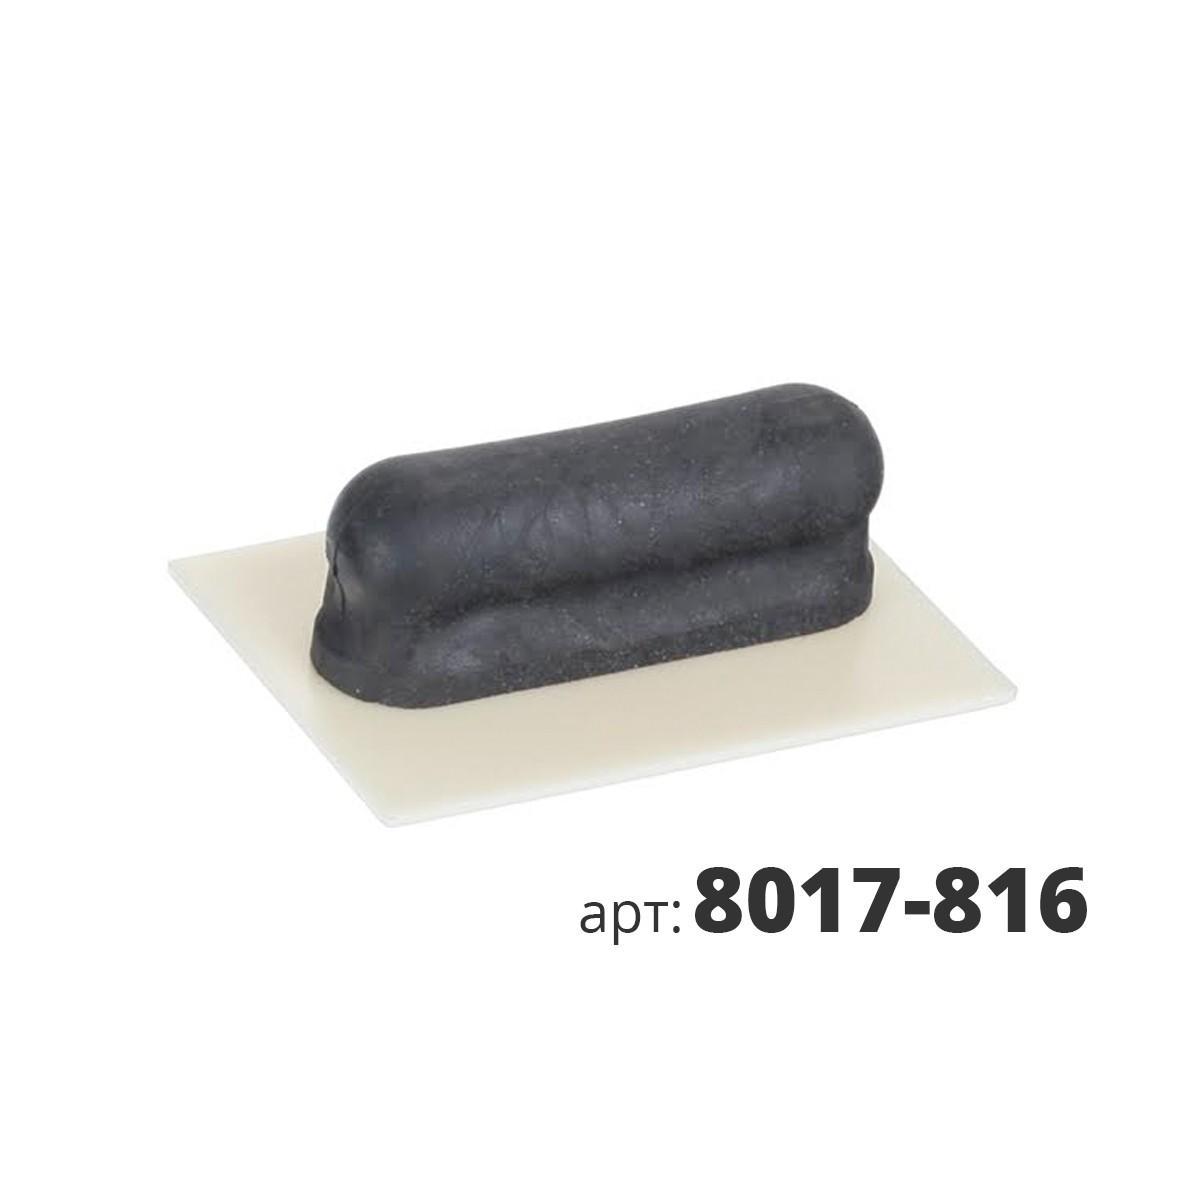 KUHLEN мини-кельма пластиковая прямоугольная 8017-816